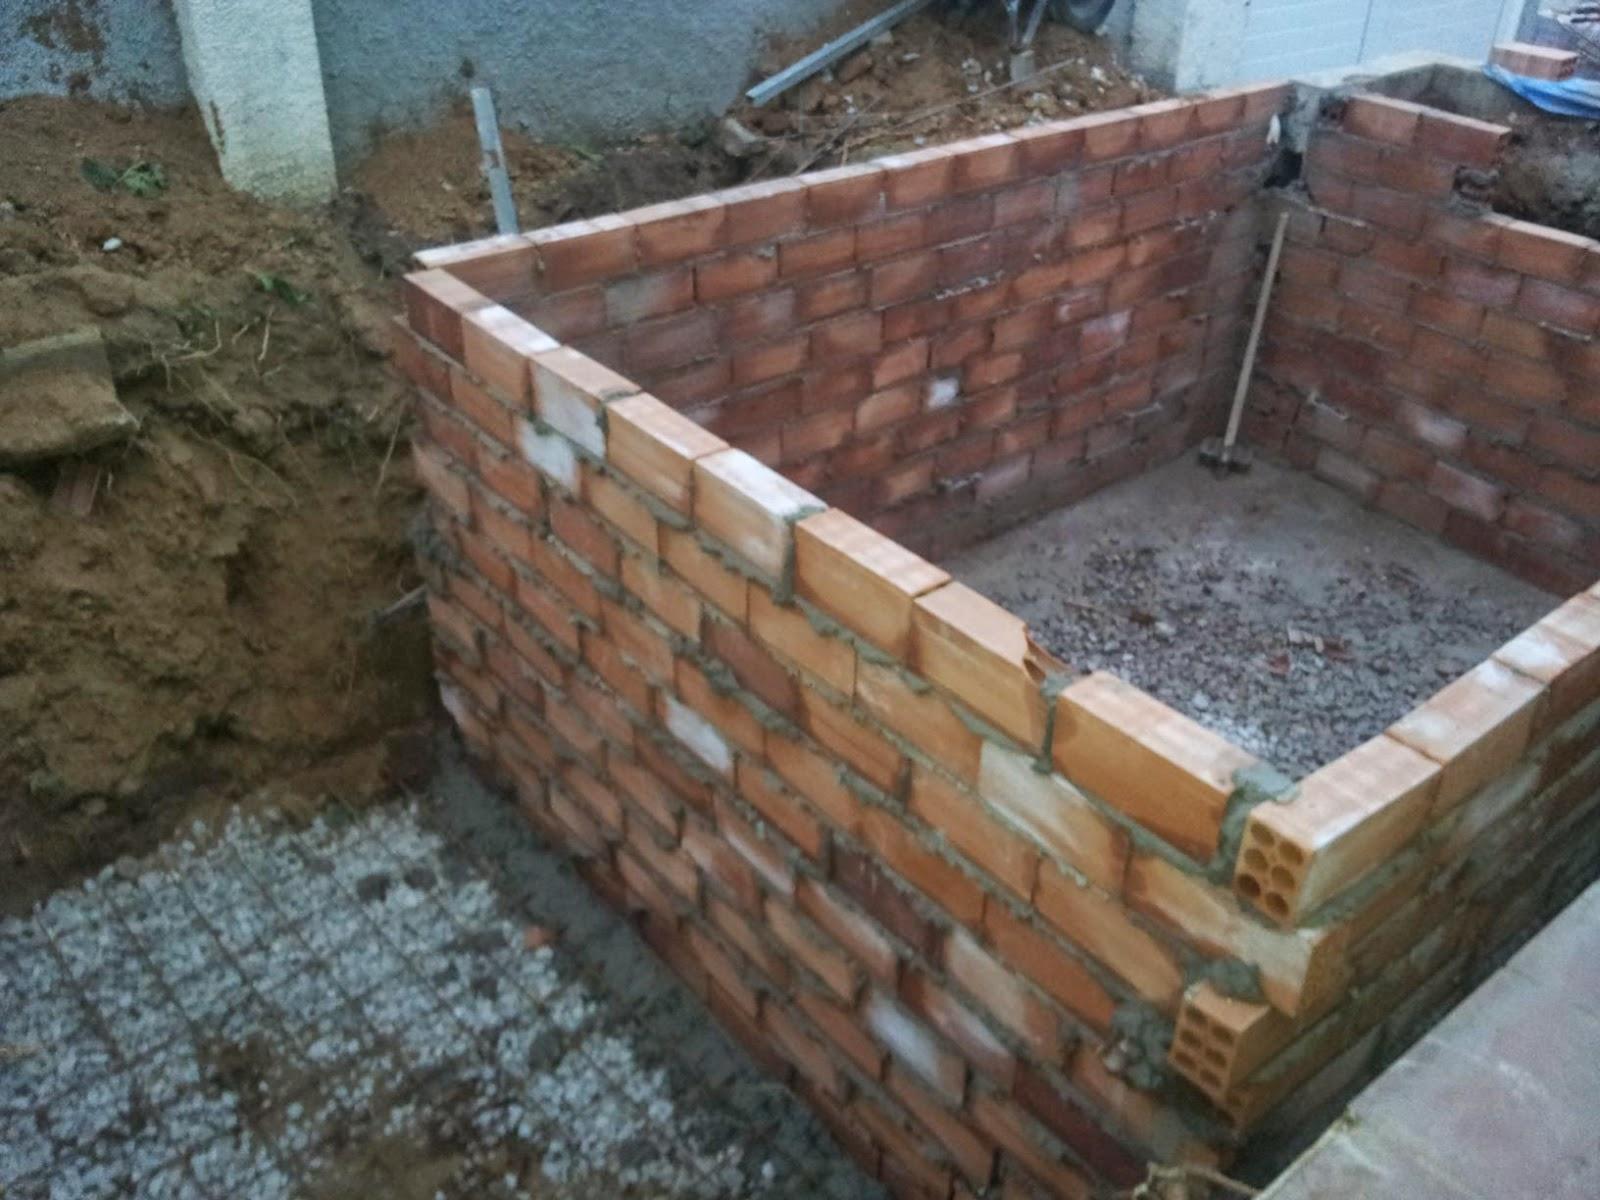 Construcci n reparacion y mantenimientos de piscinas for Ladrillos para piletas